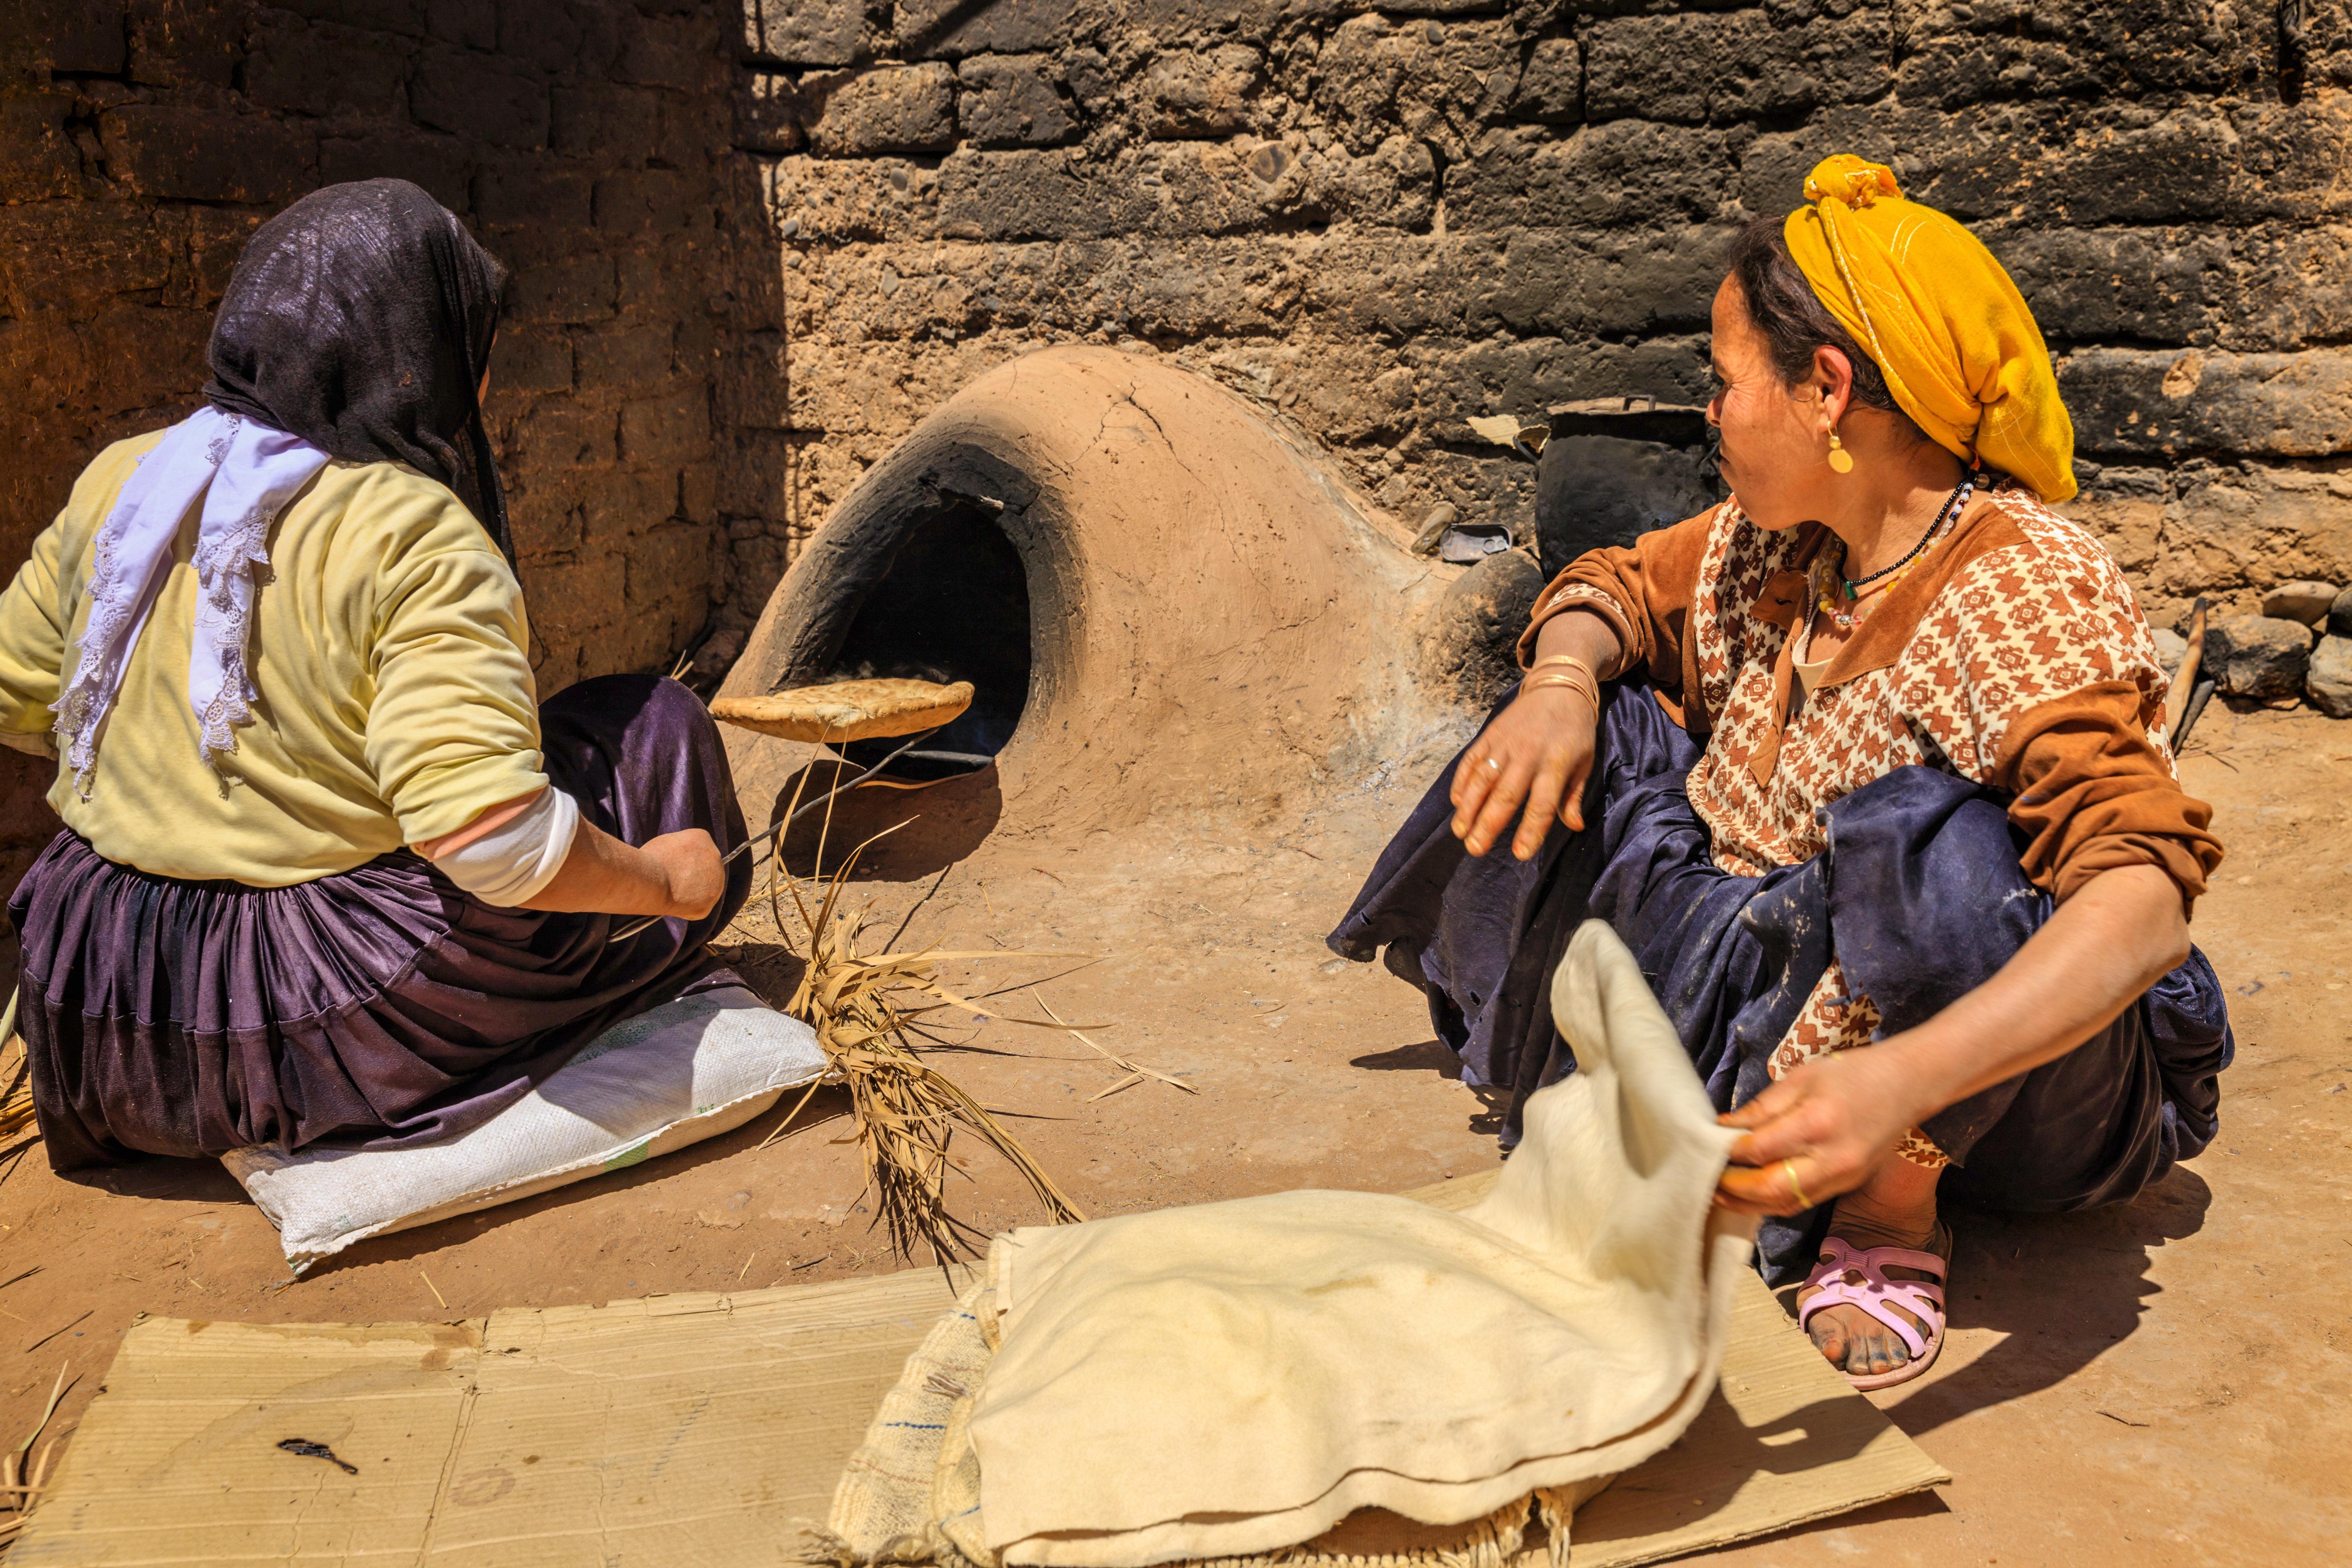 Parité: Le taux d'activité des femmes du Maghreb est l'un des plus bas du